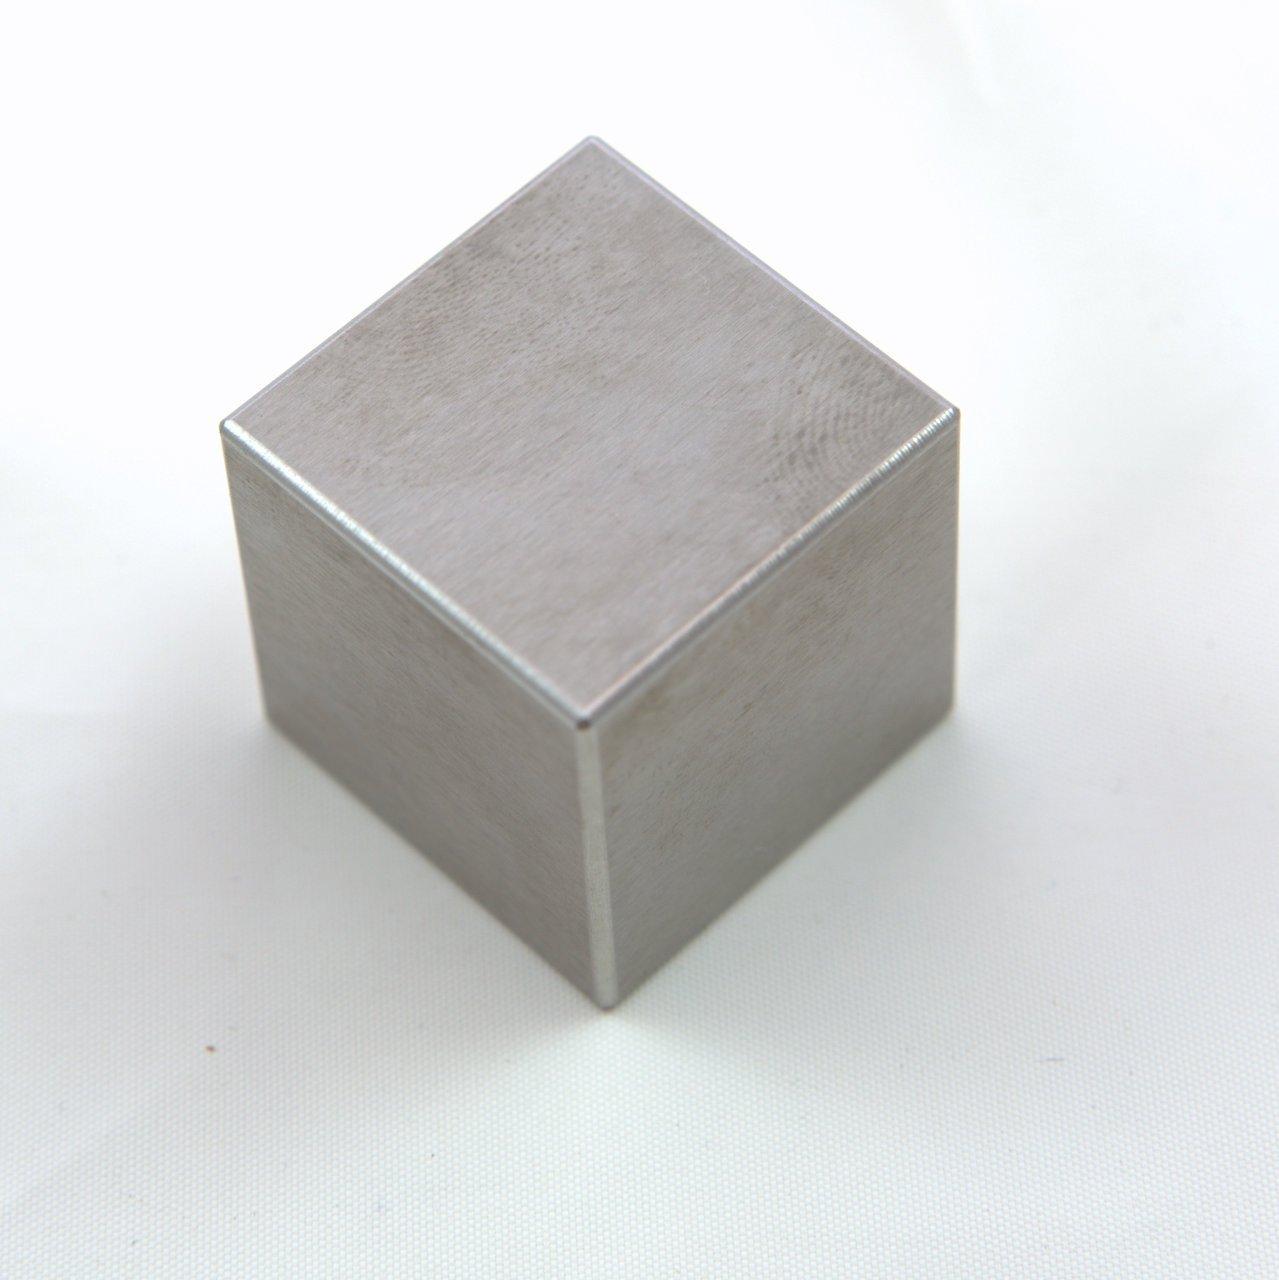 Tungsten Cube - 1''